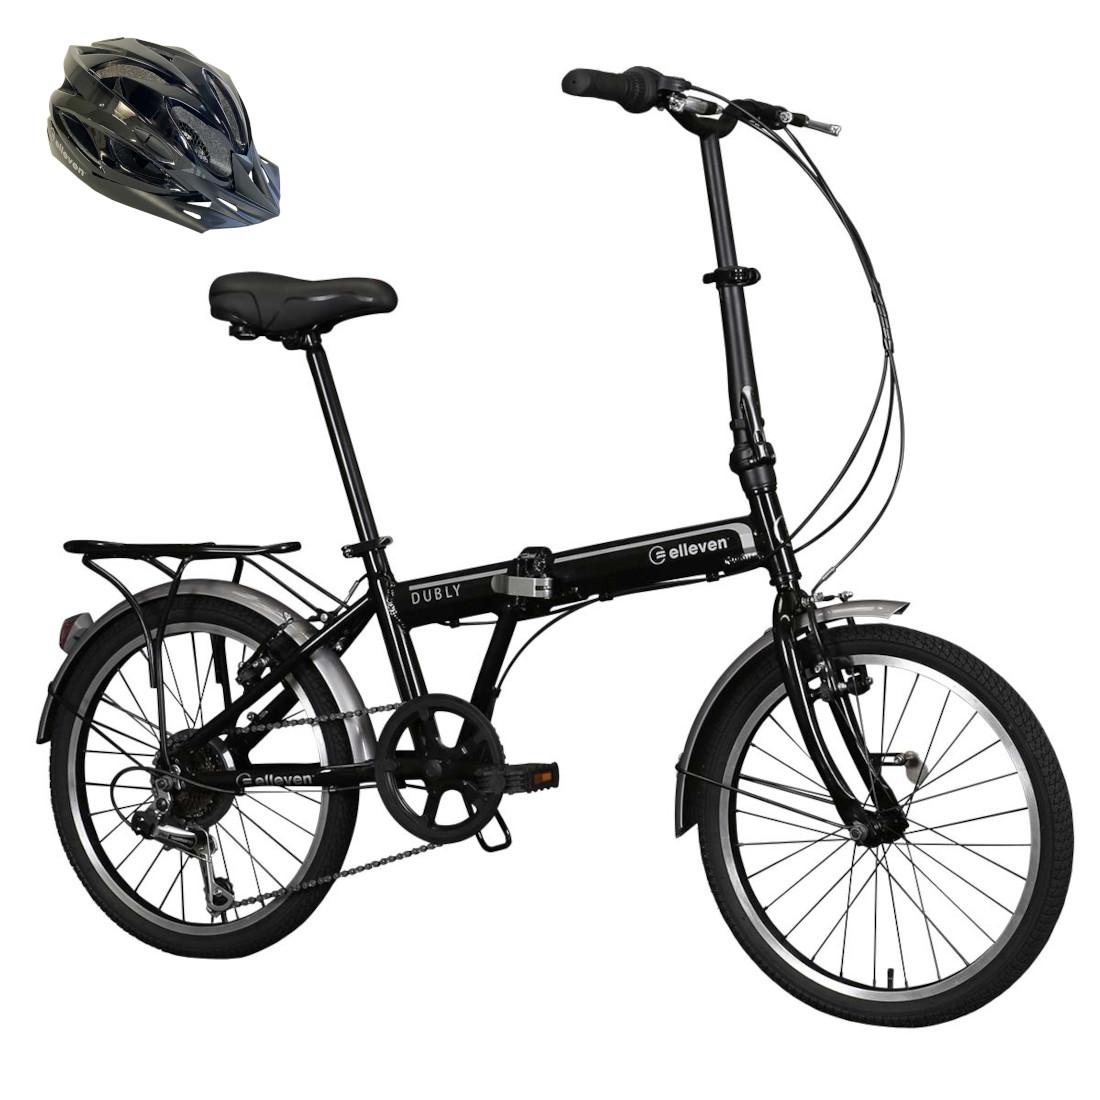 Bicicleta Dobrável em Alumínio Aro 20 6V Shimano Preto com Capacete